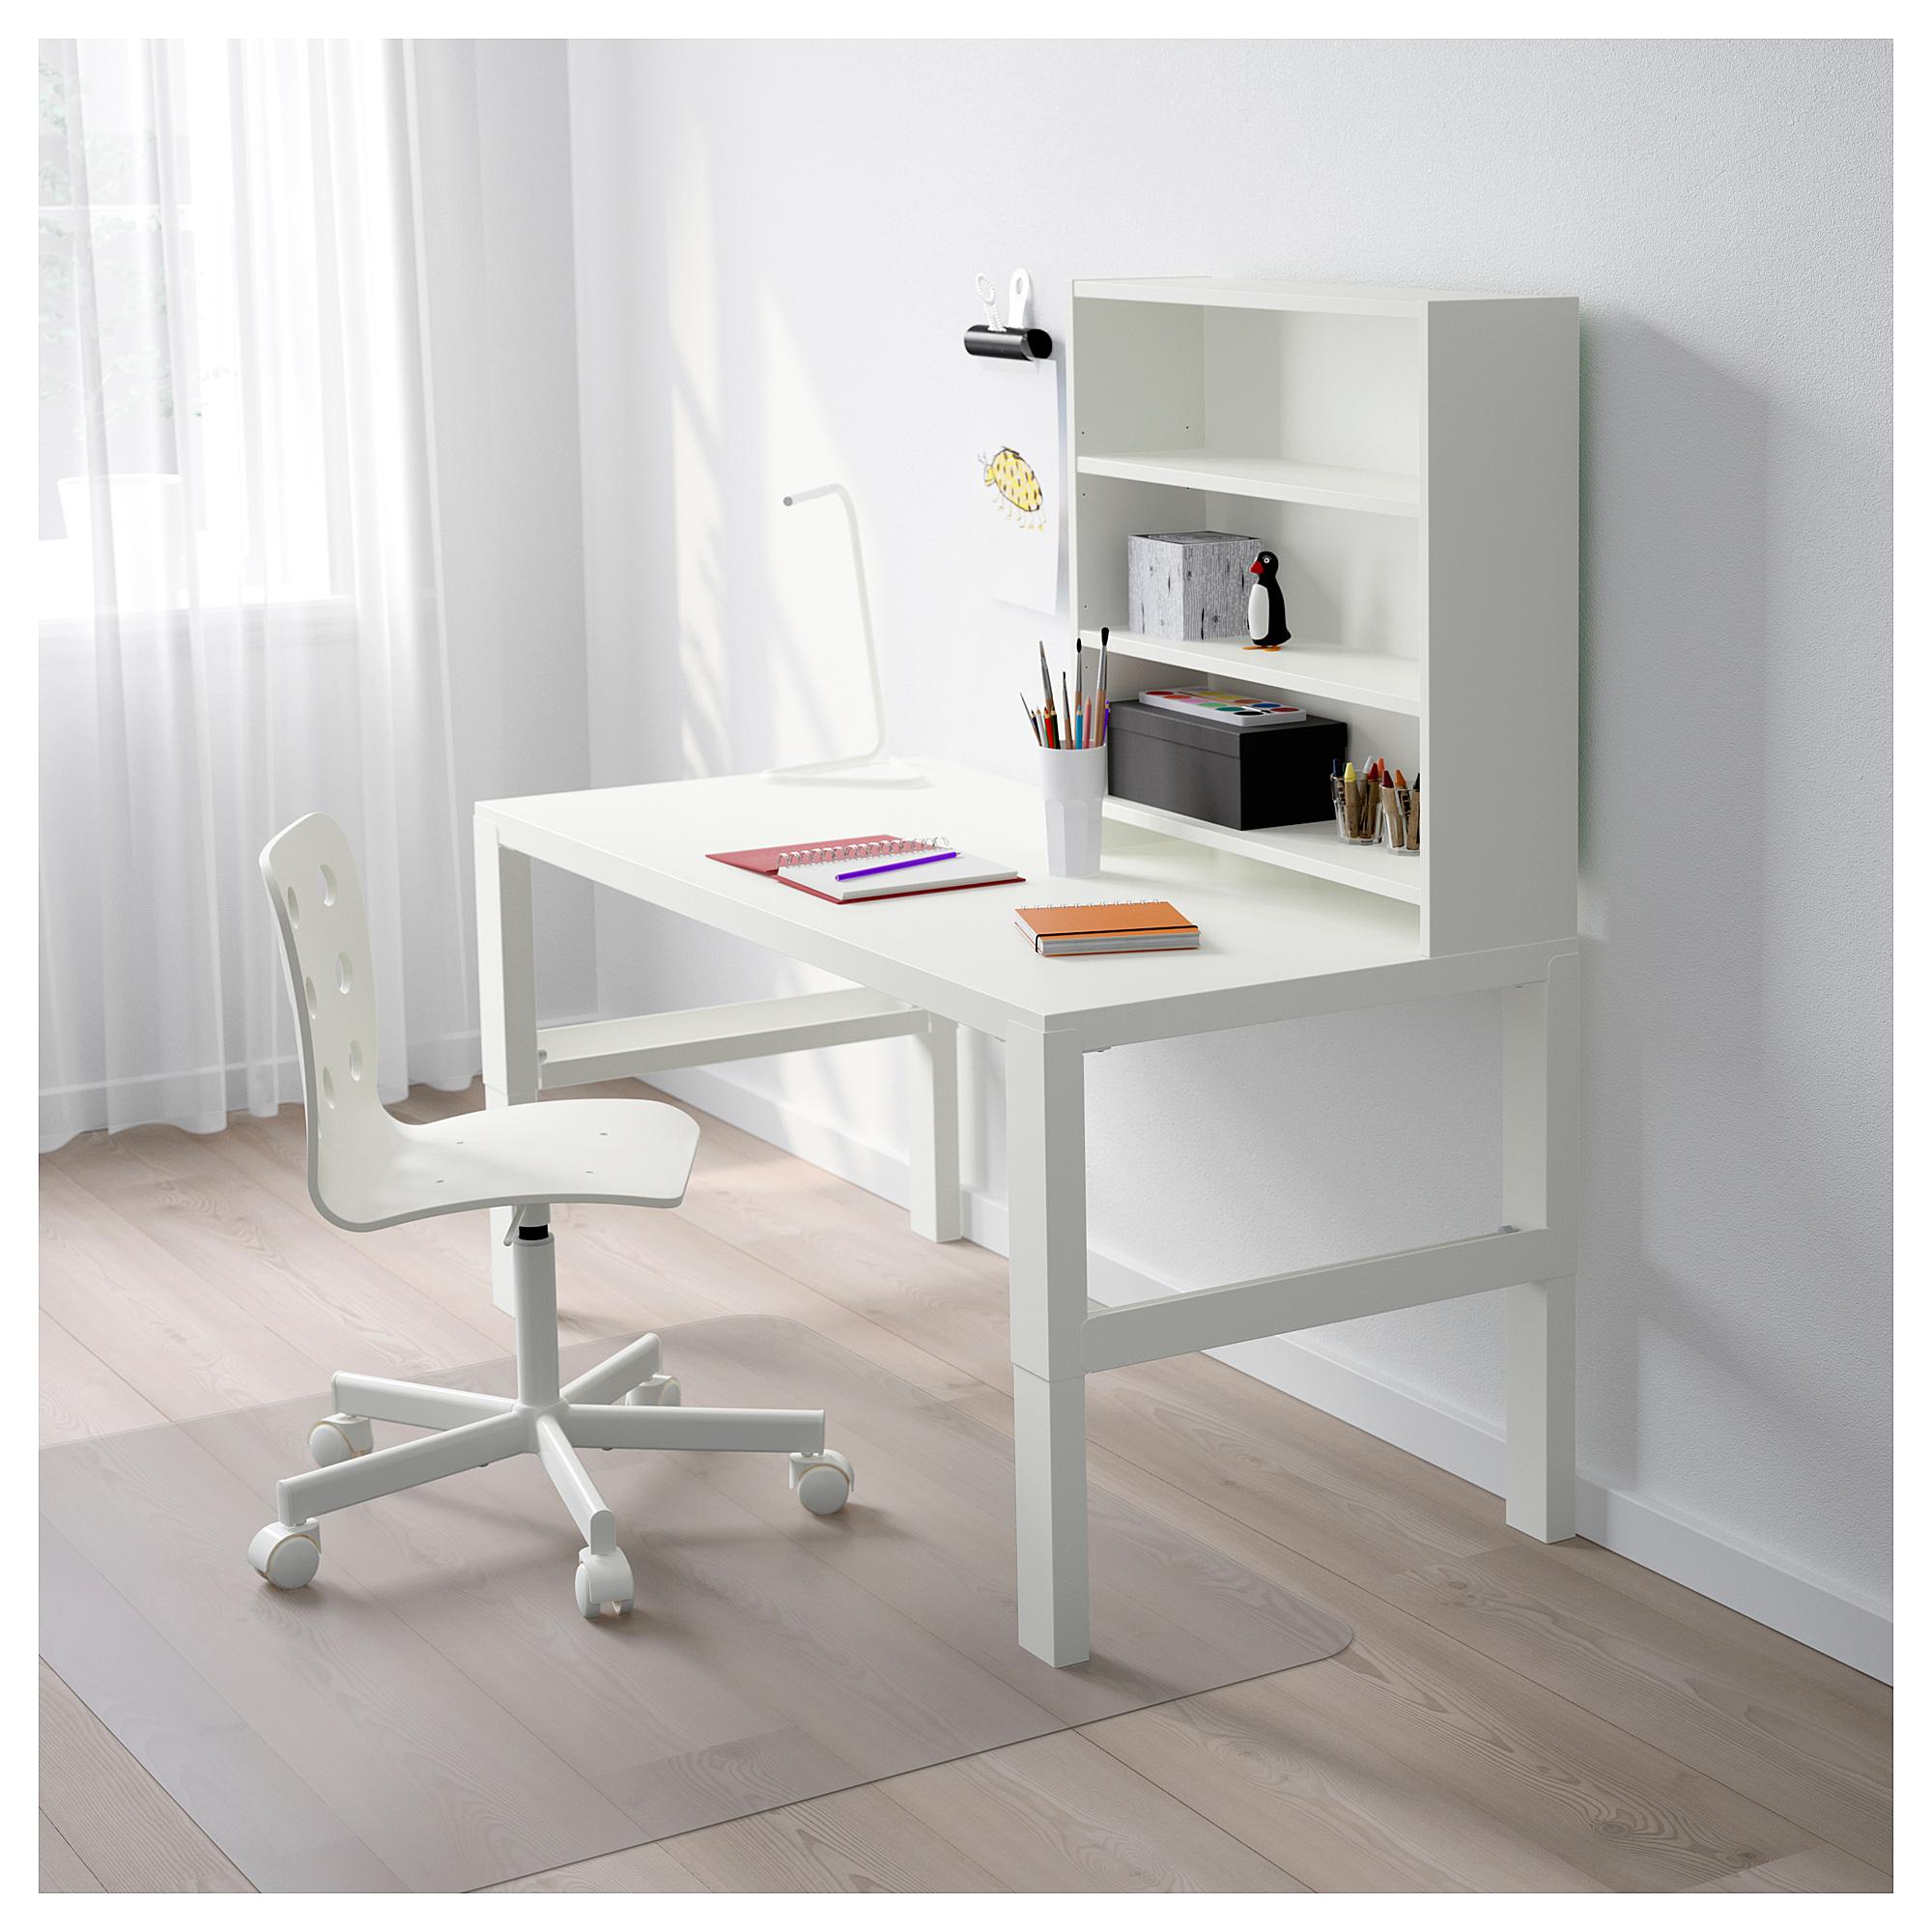 Scrivania Con Cassettiera Ikea desk ikea (43 foto): modelli in crescita bianca con scatole